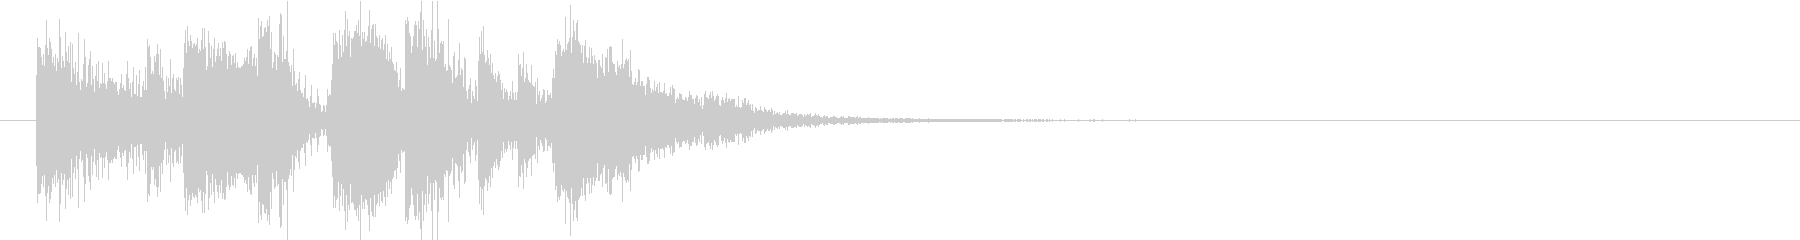 ポップなジングルの未再生の波形